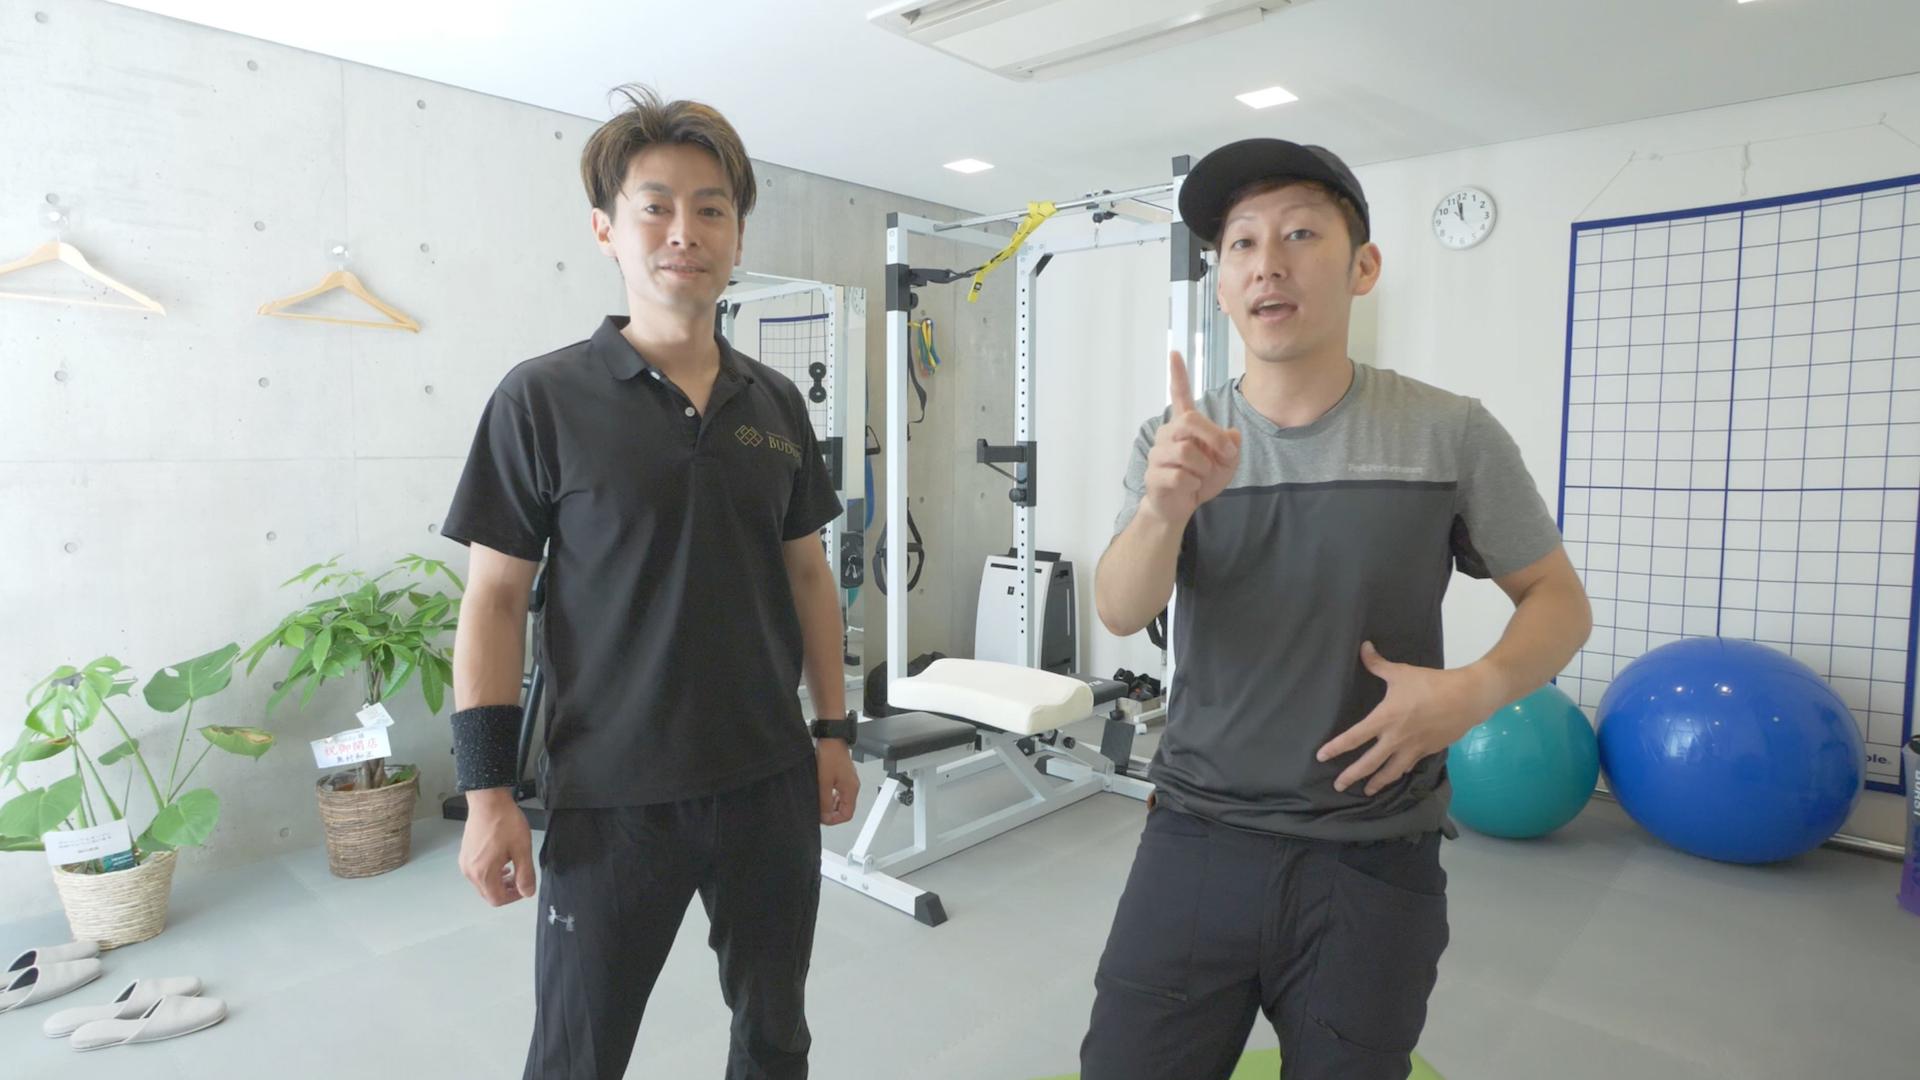 episode#65|スキーヤーのたるんだ腹筋を鍛える2分間集中トレーニング!